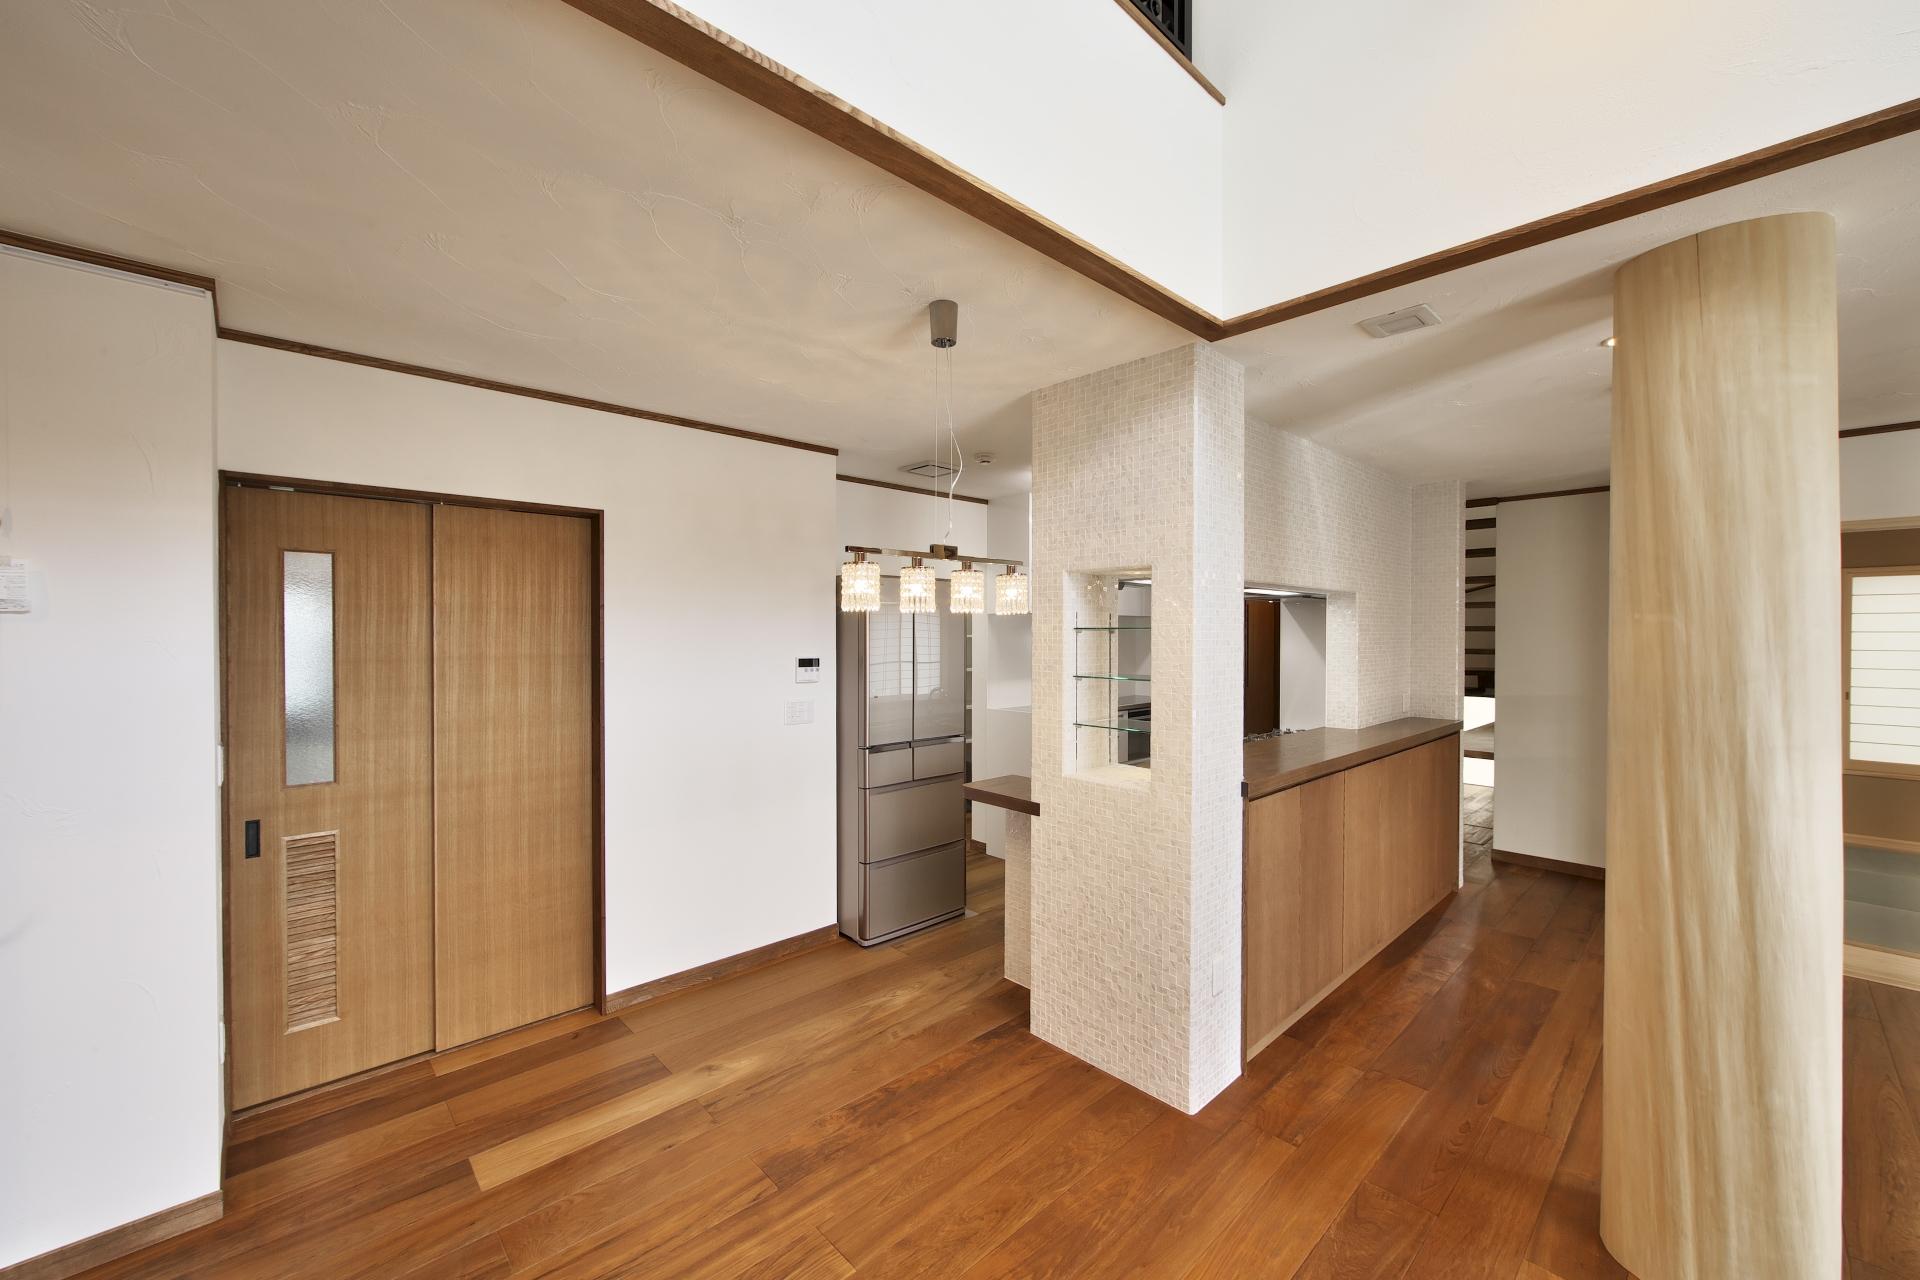 創住環【自然素材、省エネ、高級住宅】素材にも妥協ない。壁はスイス漆喰、45cmほどある大きな柱は檜、18㎝と幅広の床材はインドネシアからとりよせた無垢のチーク材